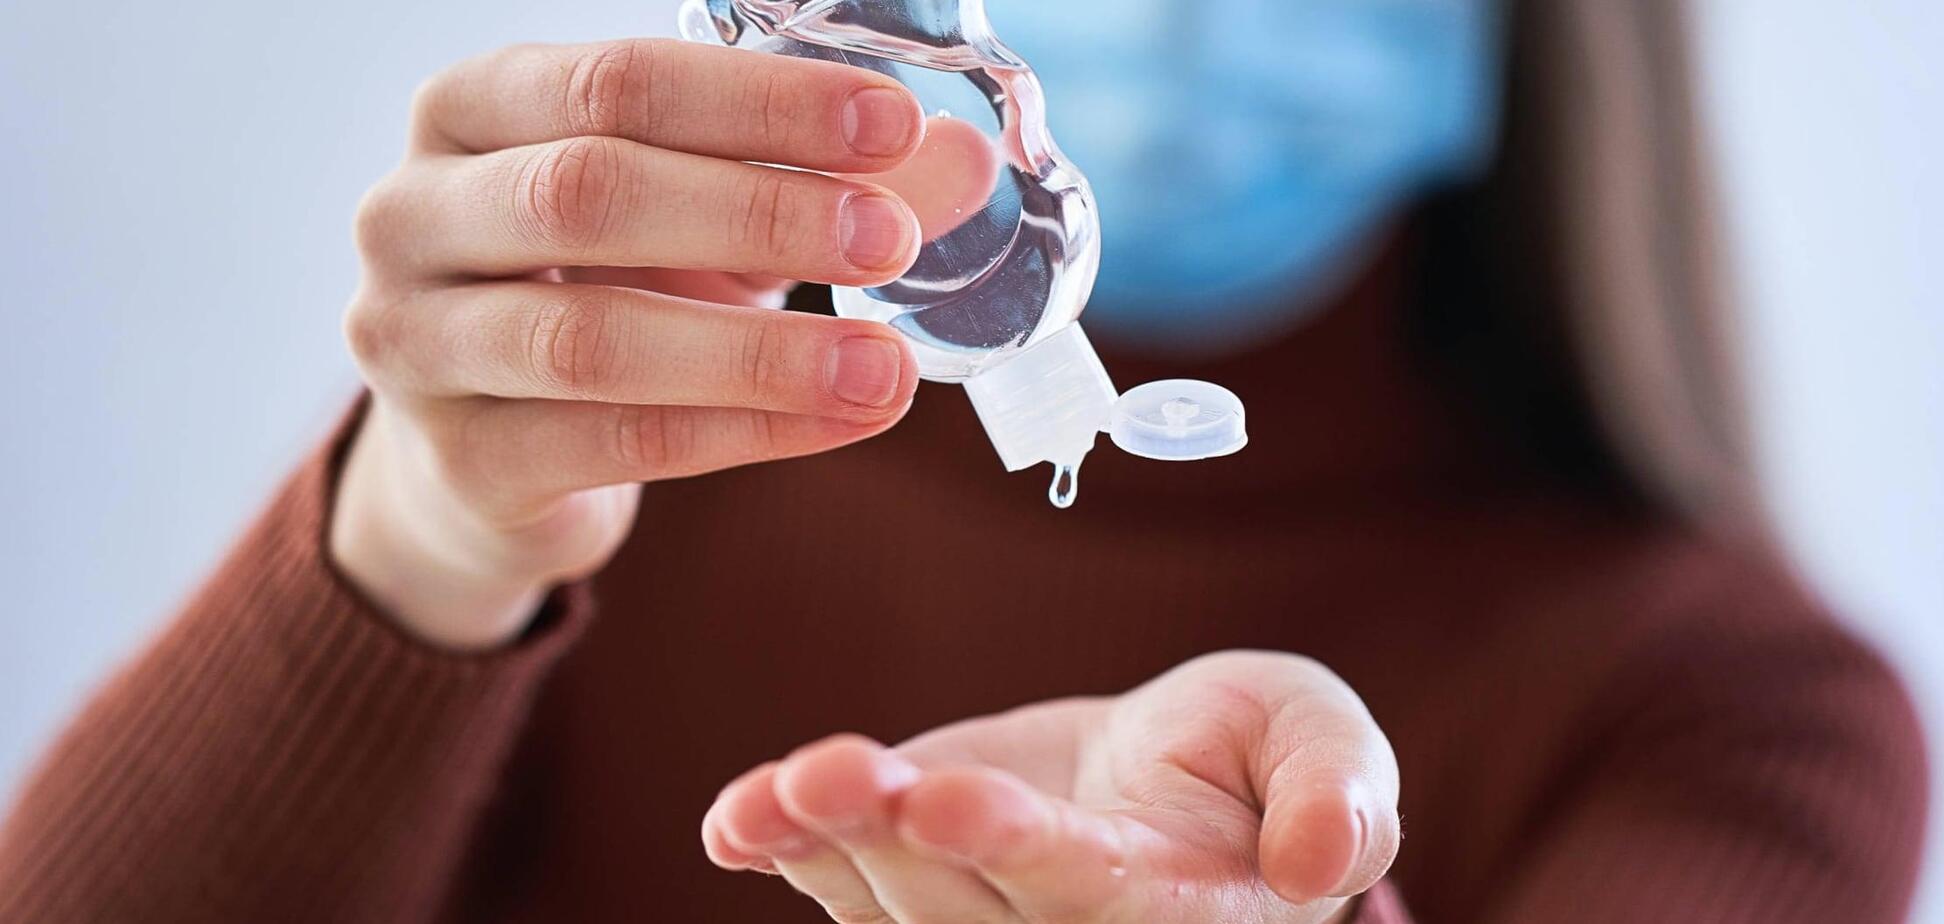 Как правильно пользоваться антисептиком для рук